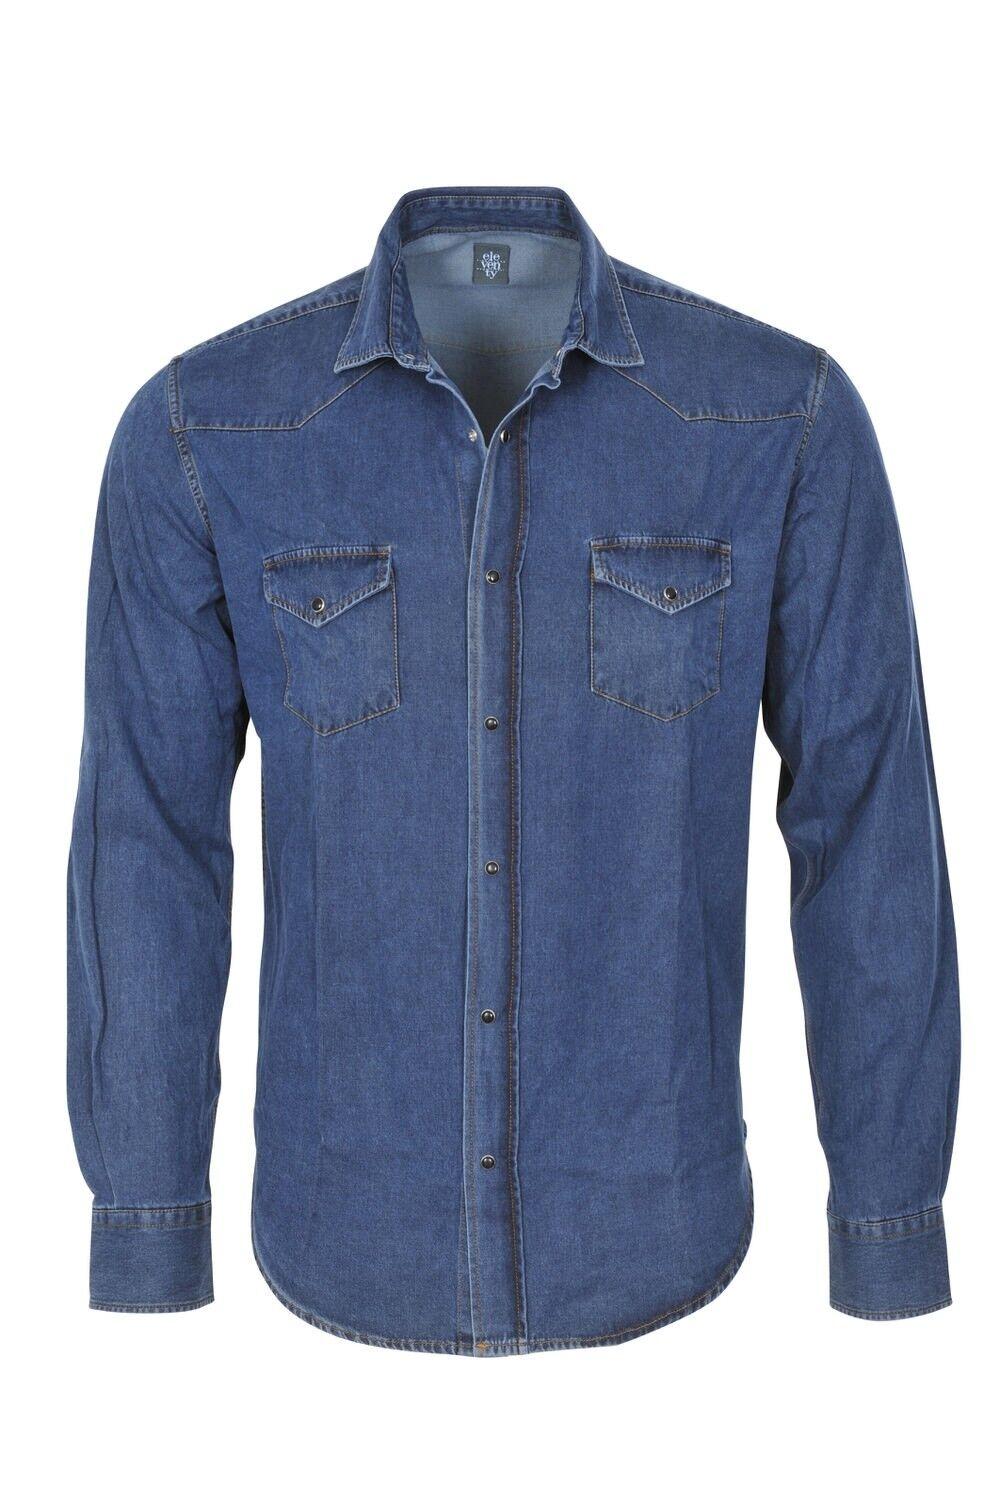 Eleventy Shirt Men's 3XL Dark-bluee  Cotton  Jeans